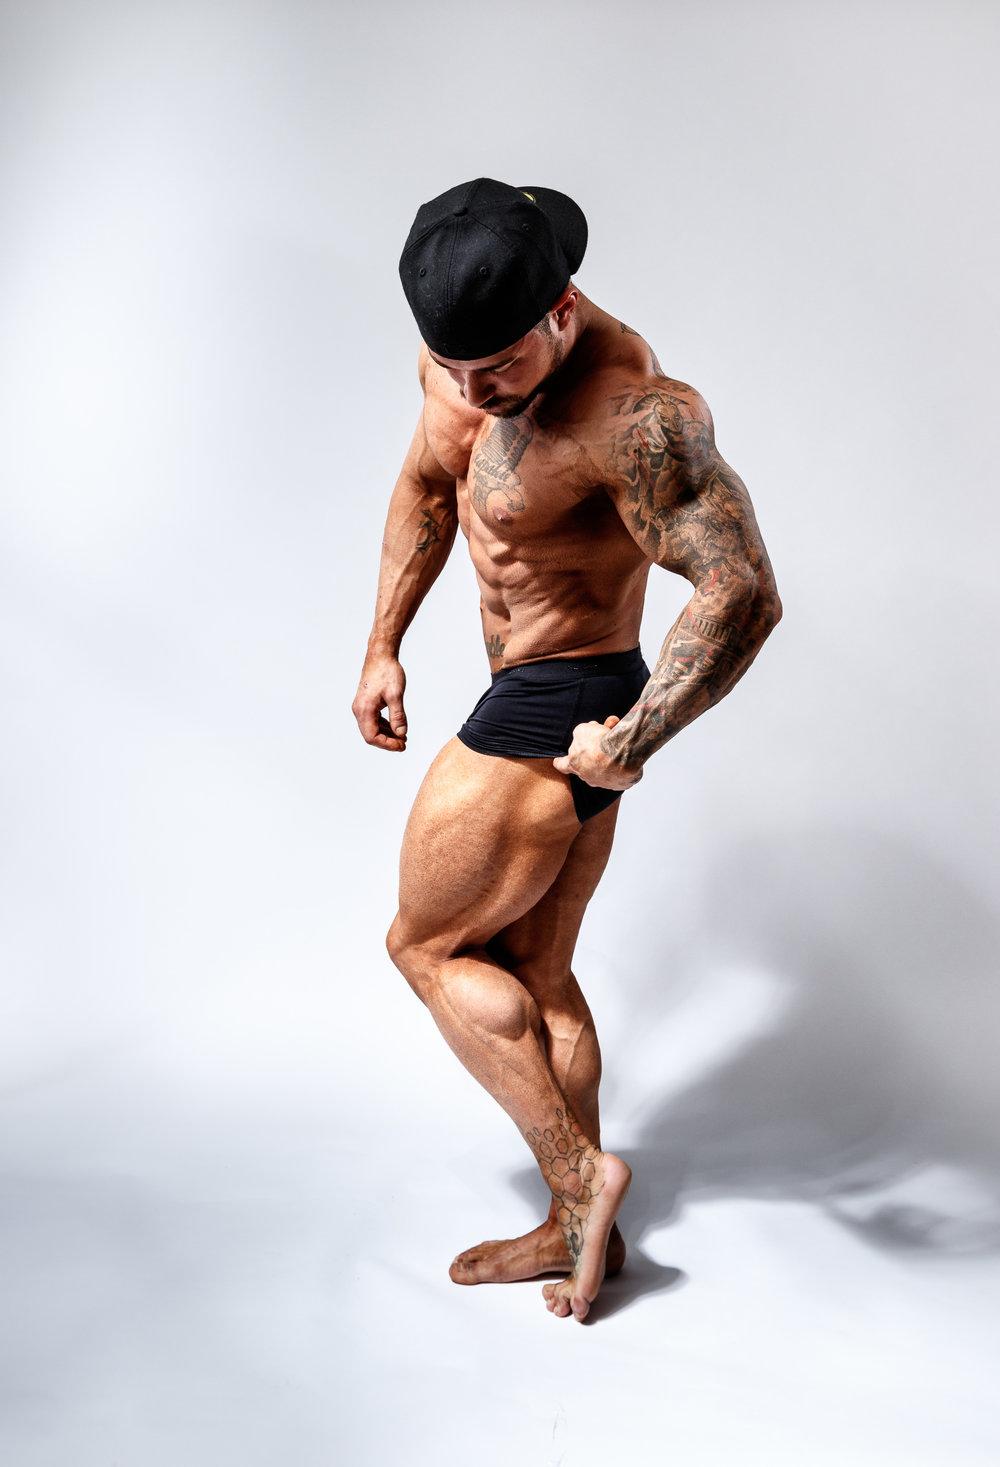 IFBB Bodybuilder